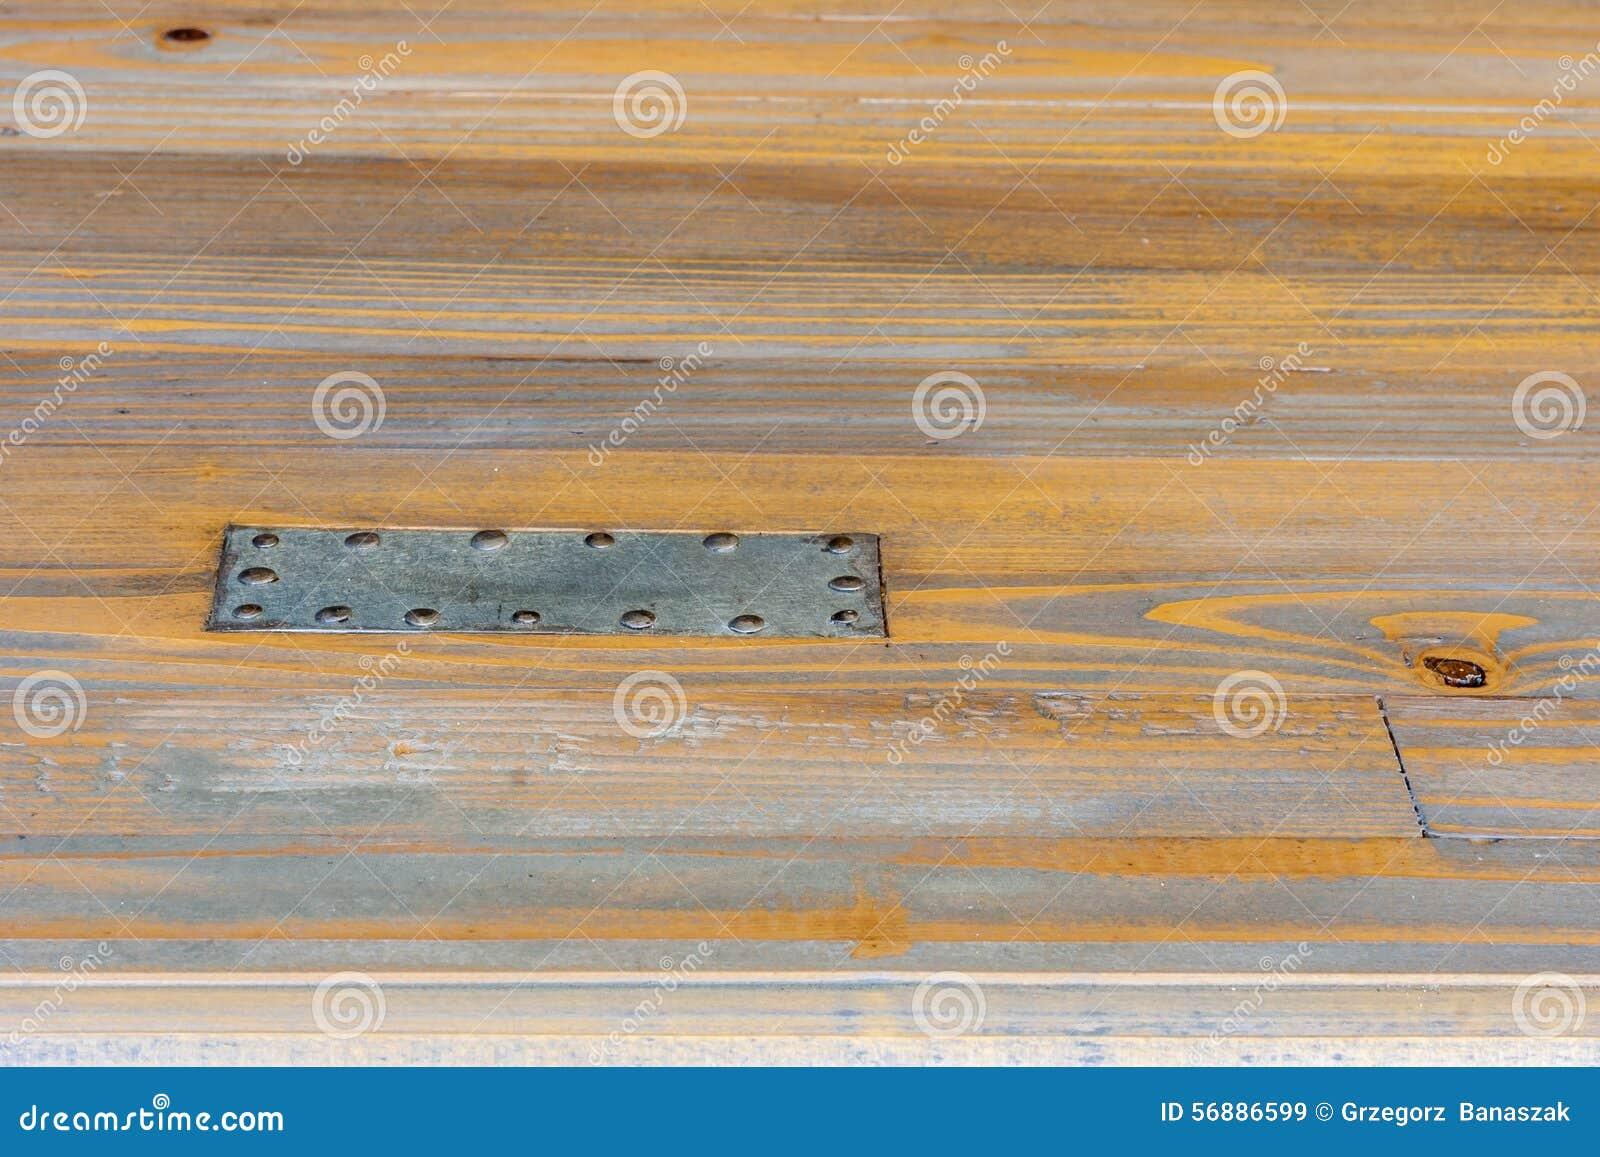 Piatto d acciaio inchiodato a legno